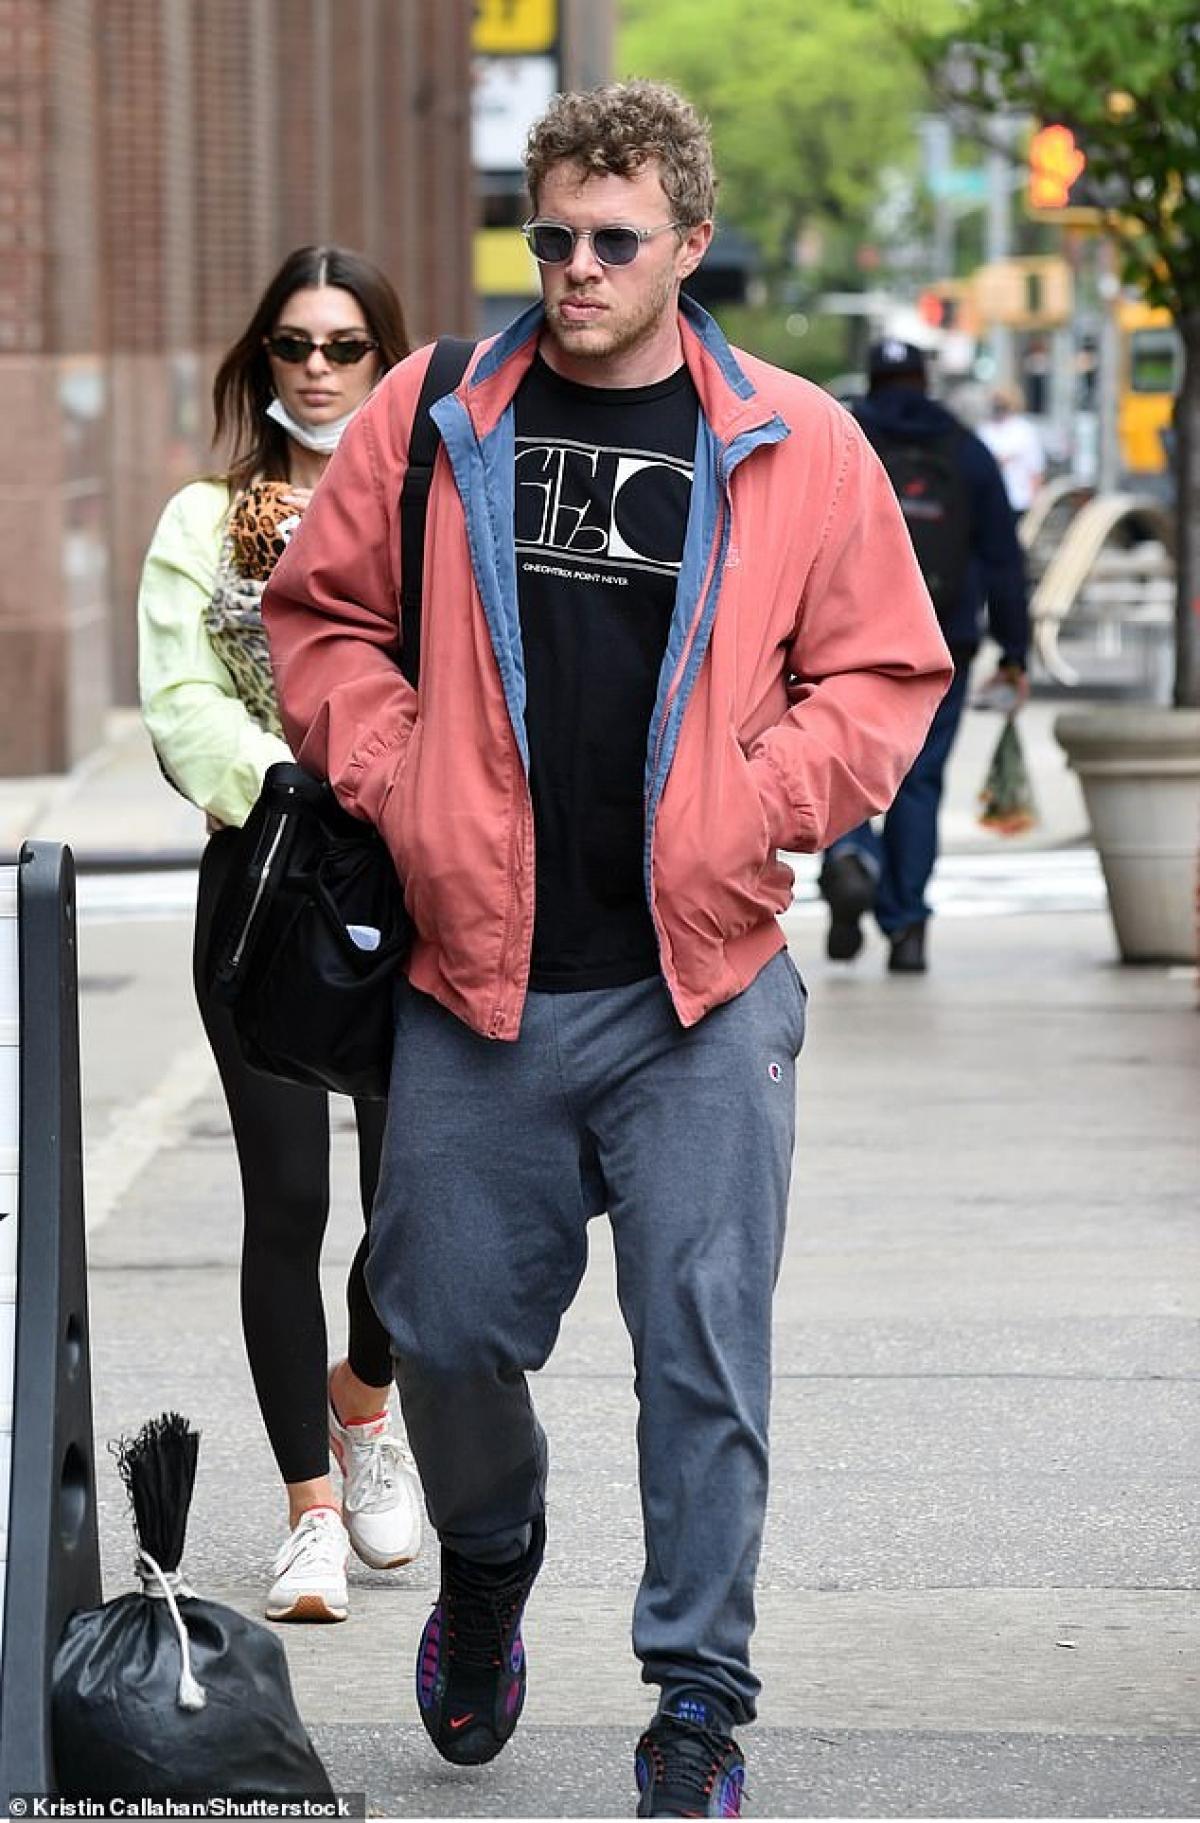 Emily kết hôn với Sebastian Bear-McClard vào năm 2018. Bear-McClard là nhà sản xuất của bộ phim Good Time, dự án có sự tham gia của Robert Pattinson./.